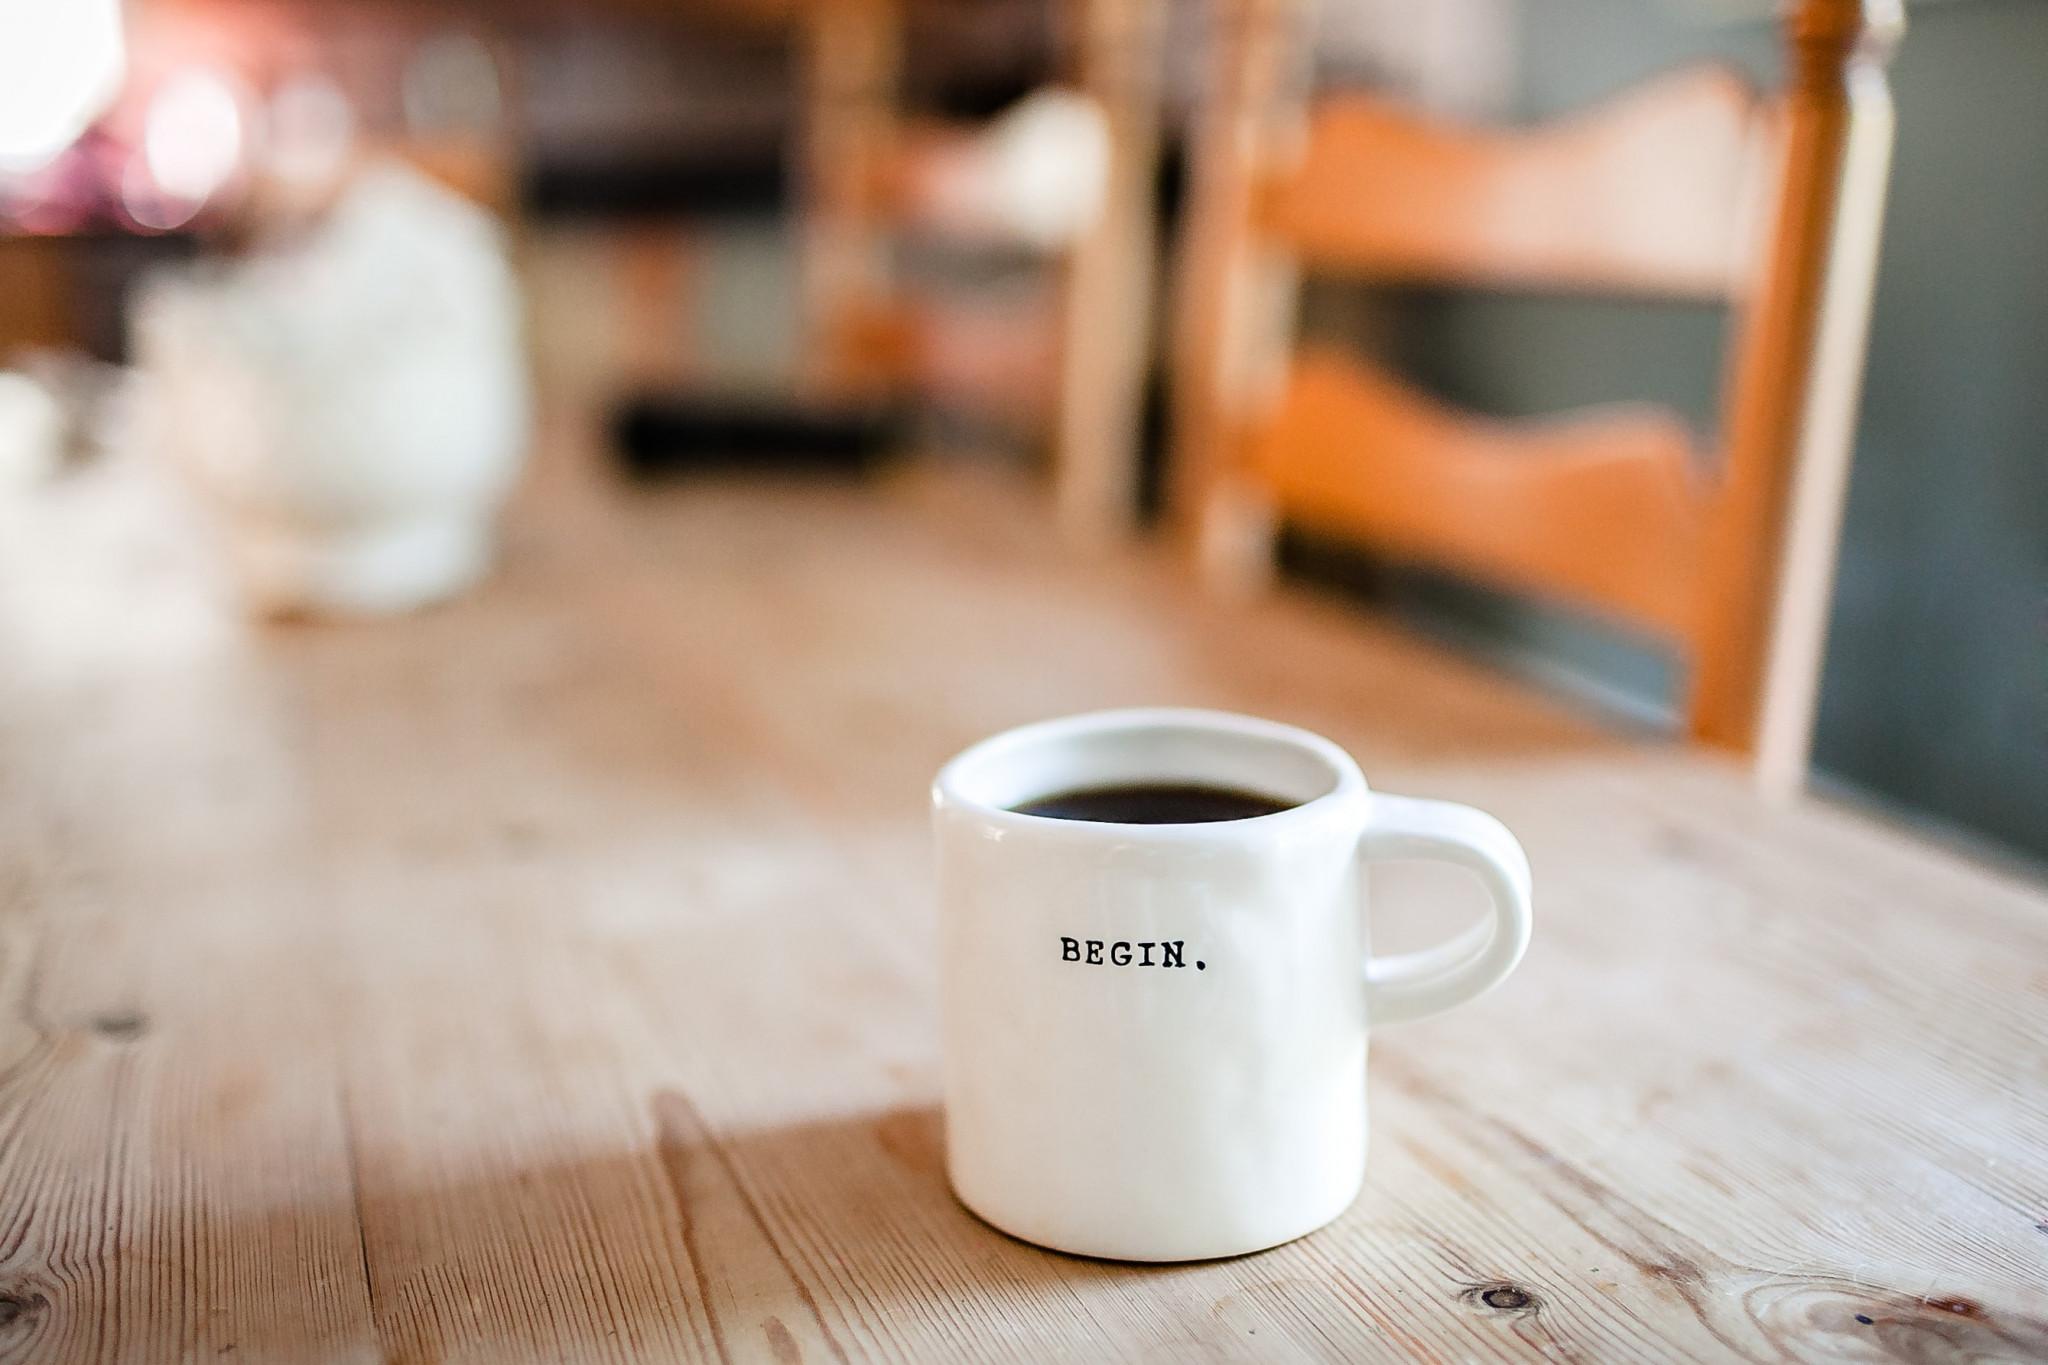 Testé pour vous : la routine Miracle Morning pour s'accorder du temps pour soi - 1